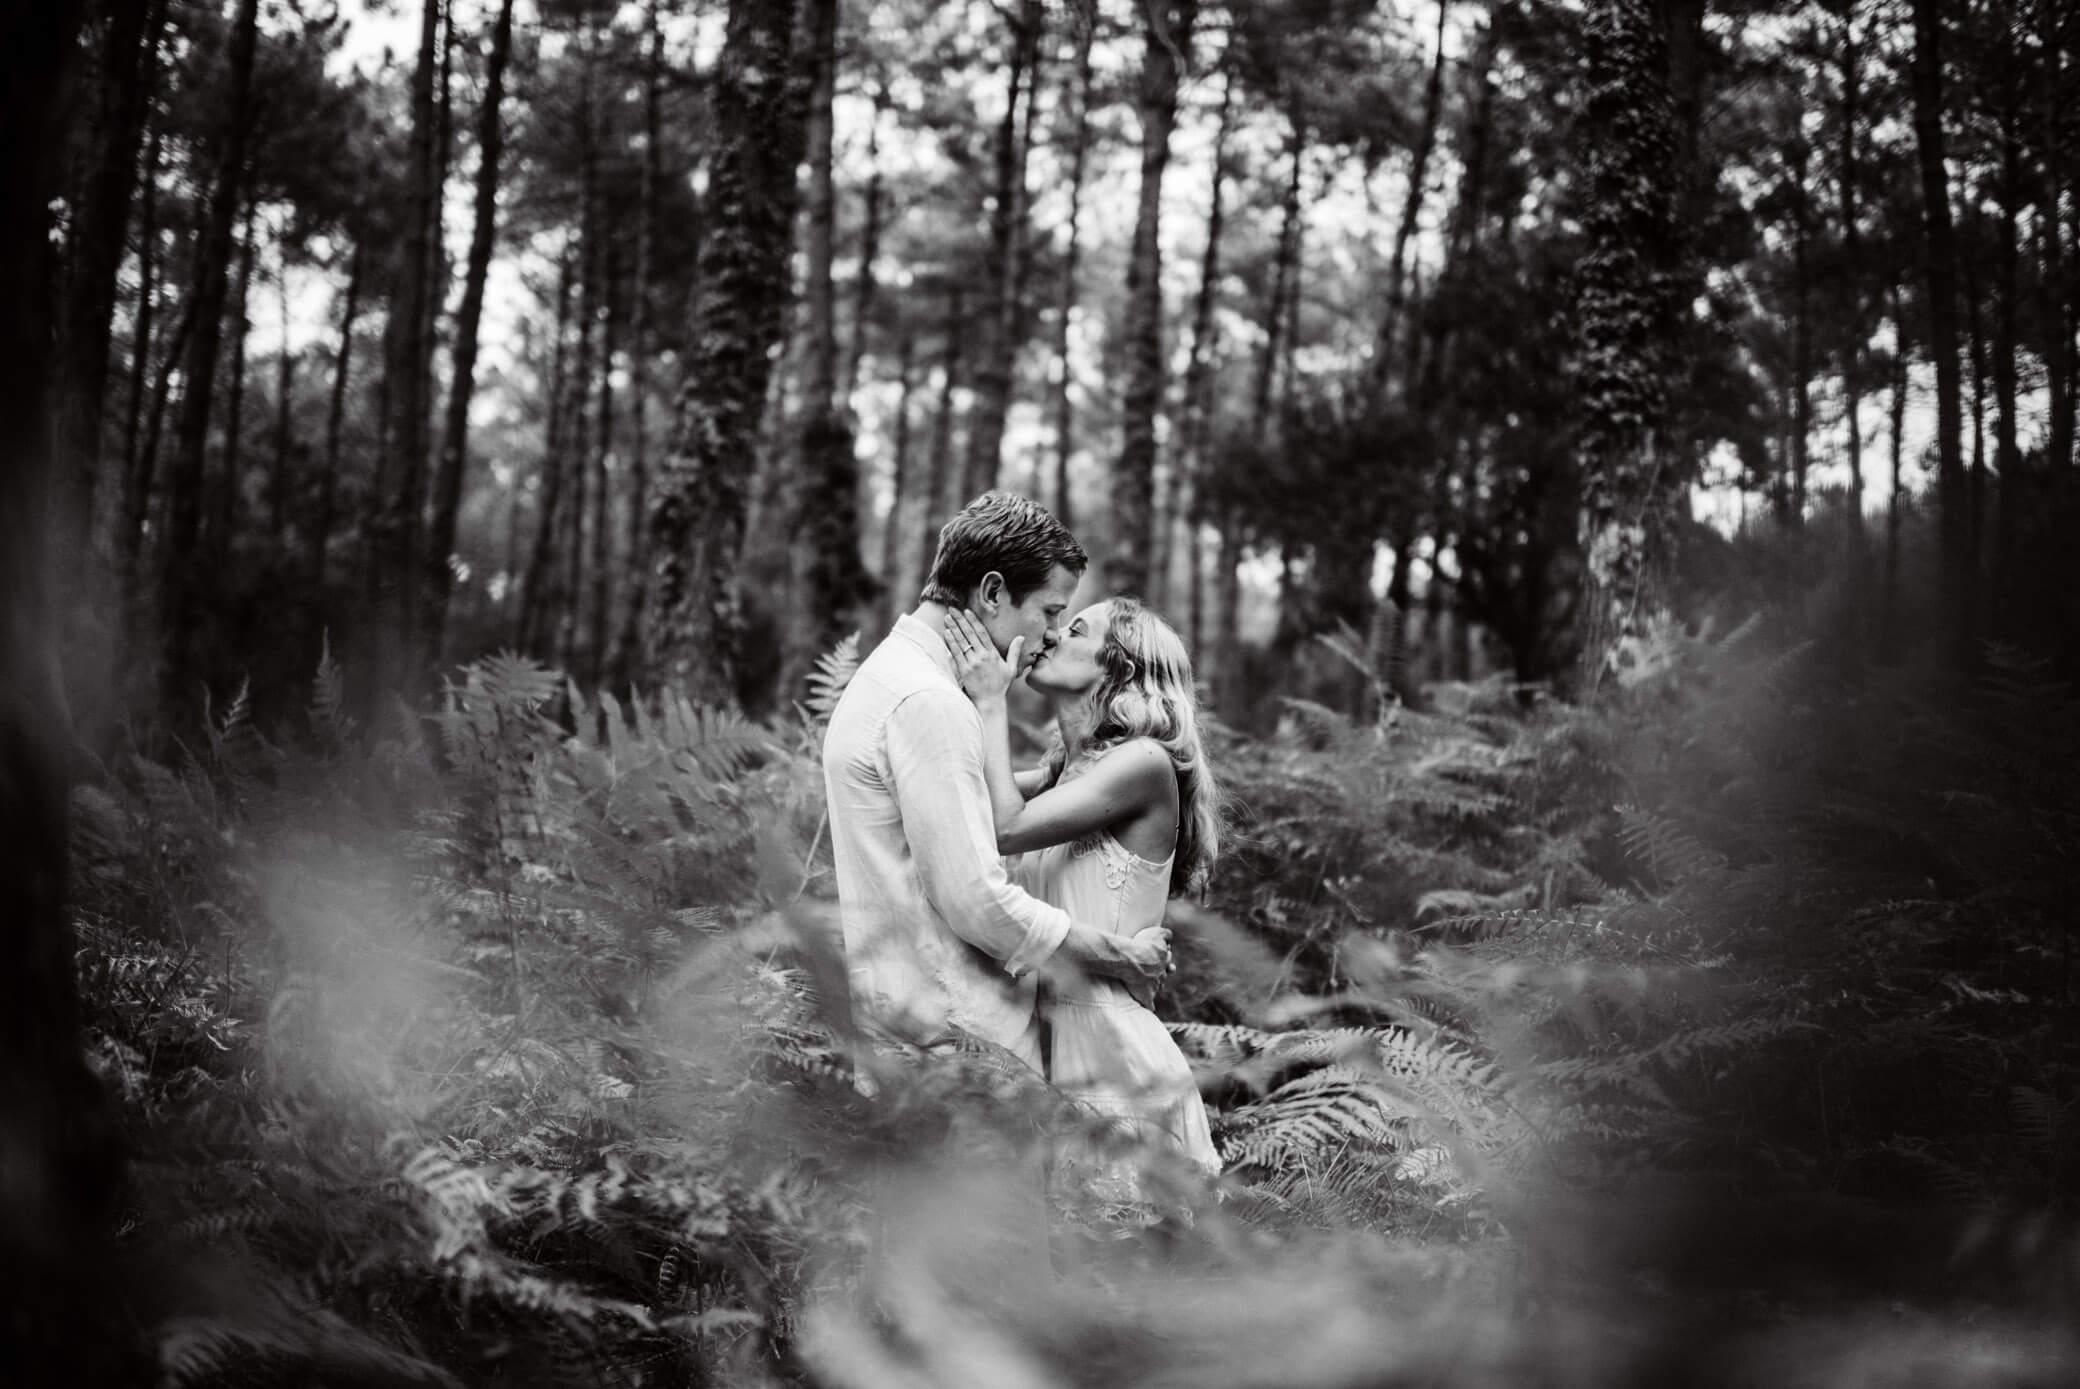 faire-poser-un-couple-et-obtenir-des-photos-avec-de-l-emotion02